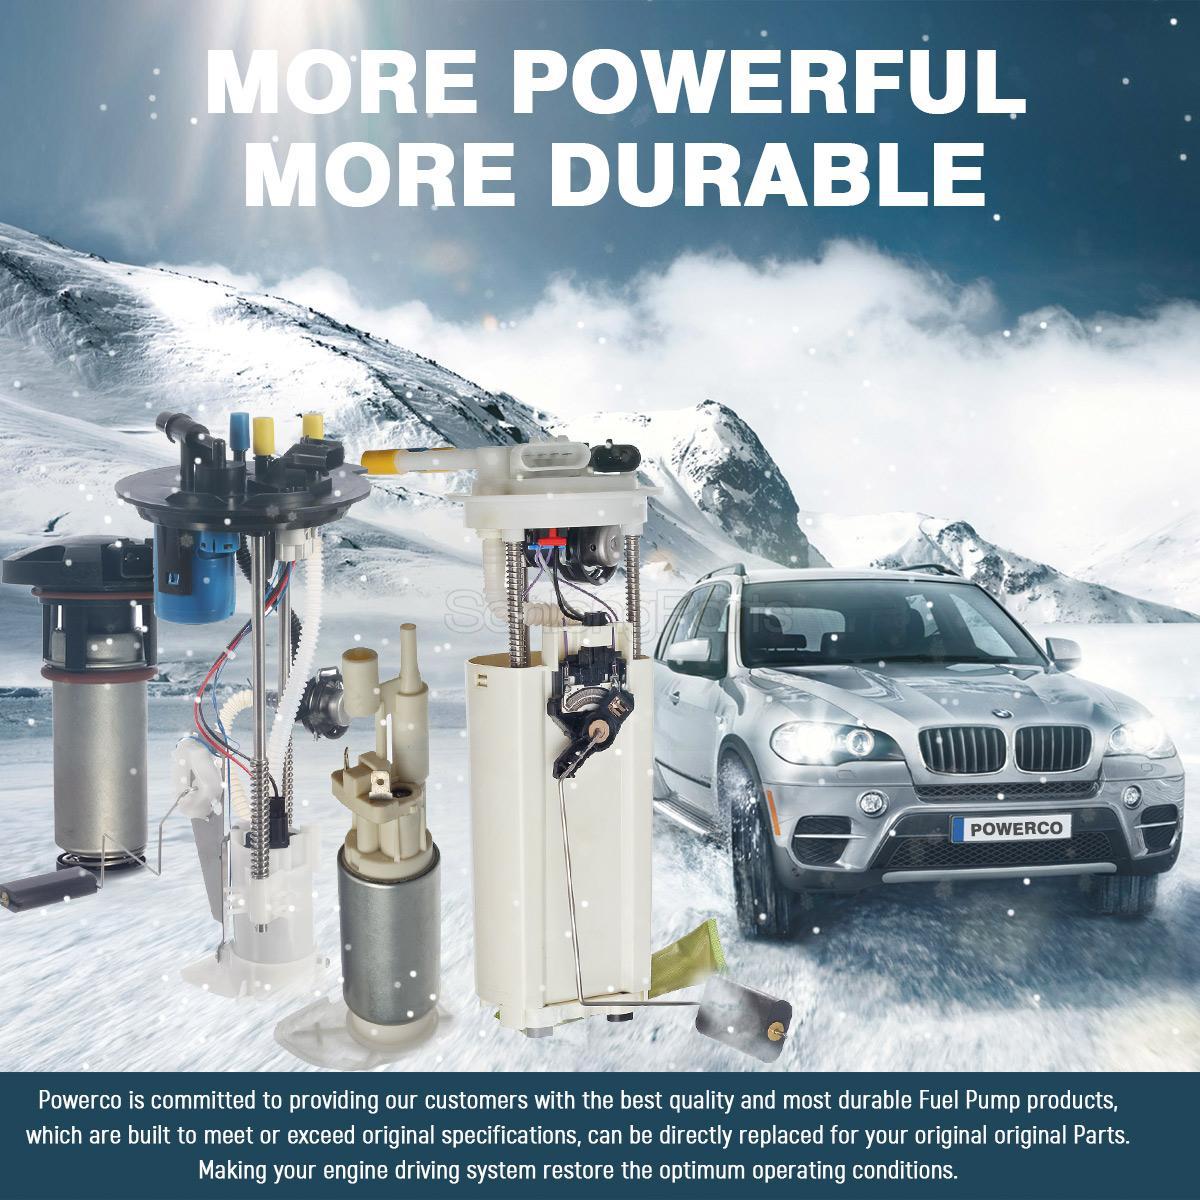 For 04 05 Mercury Monterey V6-4.2L Electric Fuel Pump Module W//Strainer Set